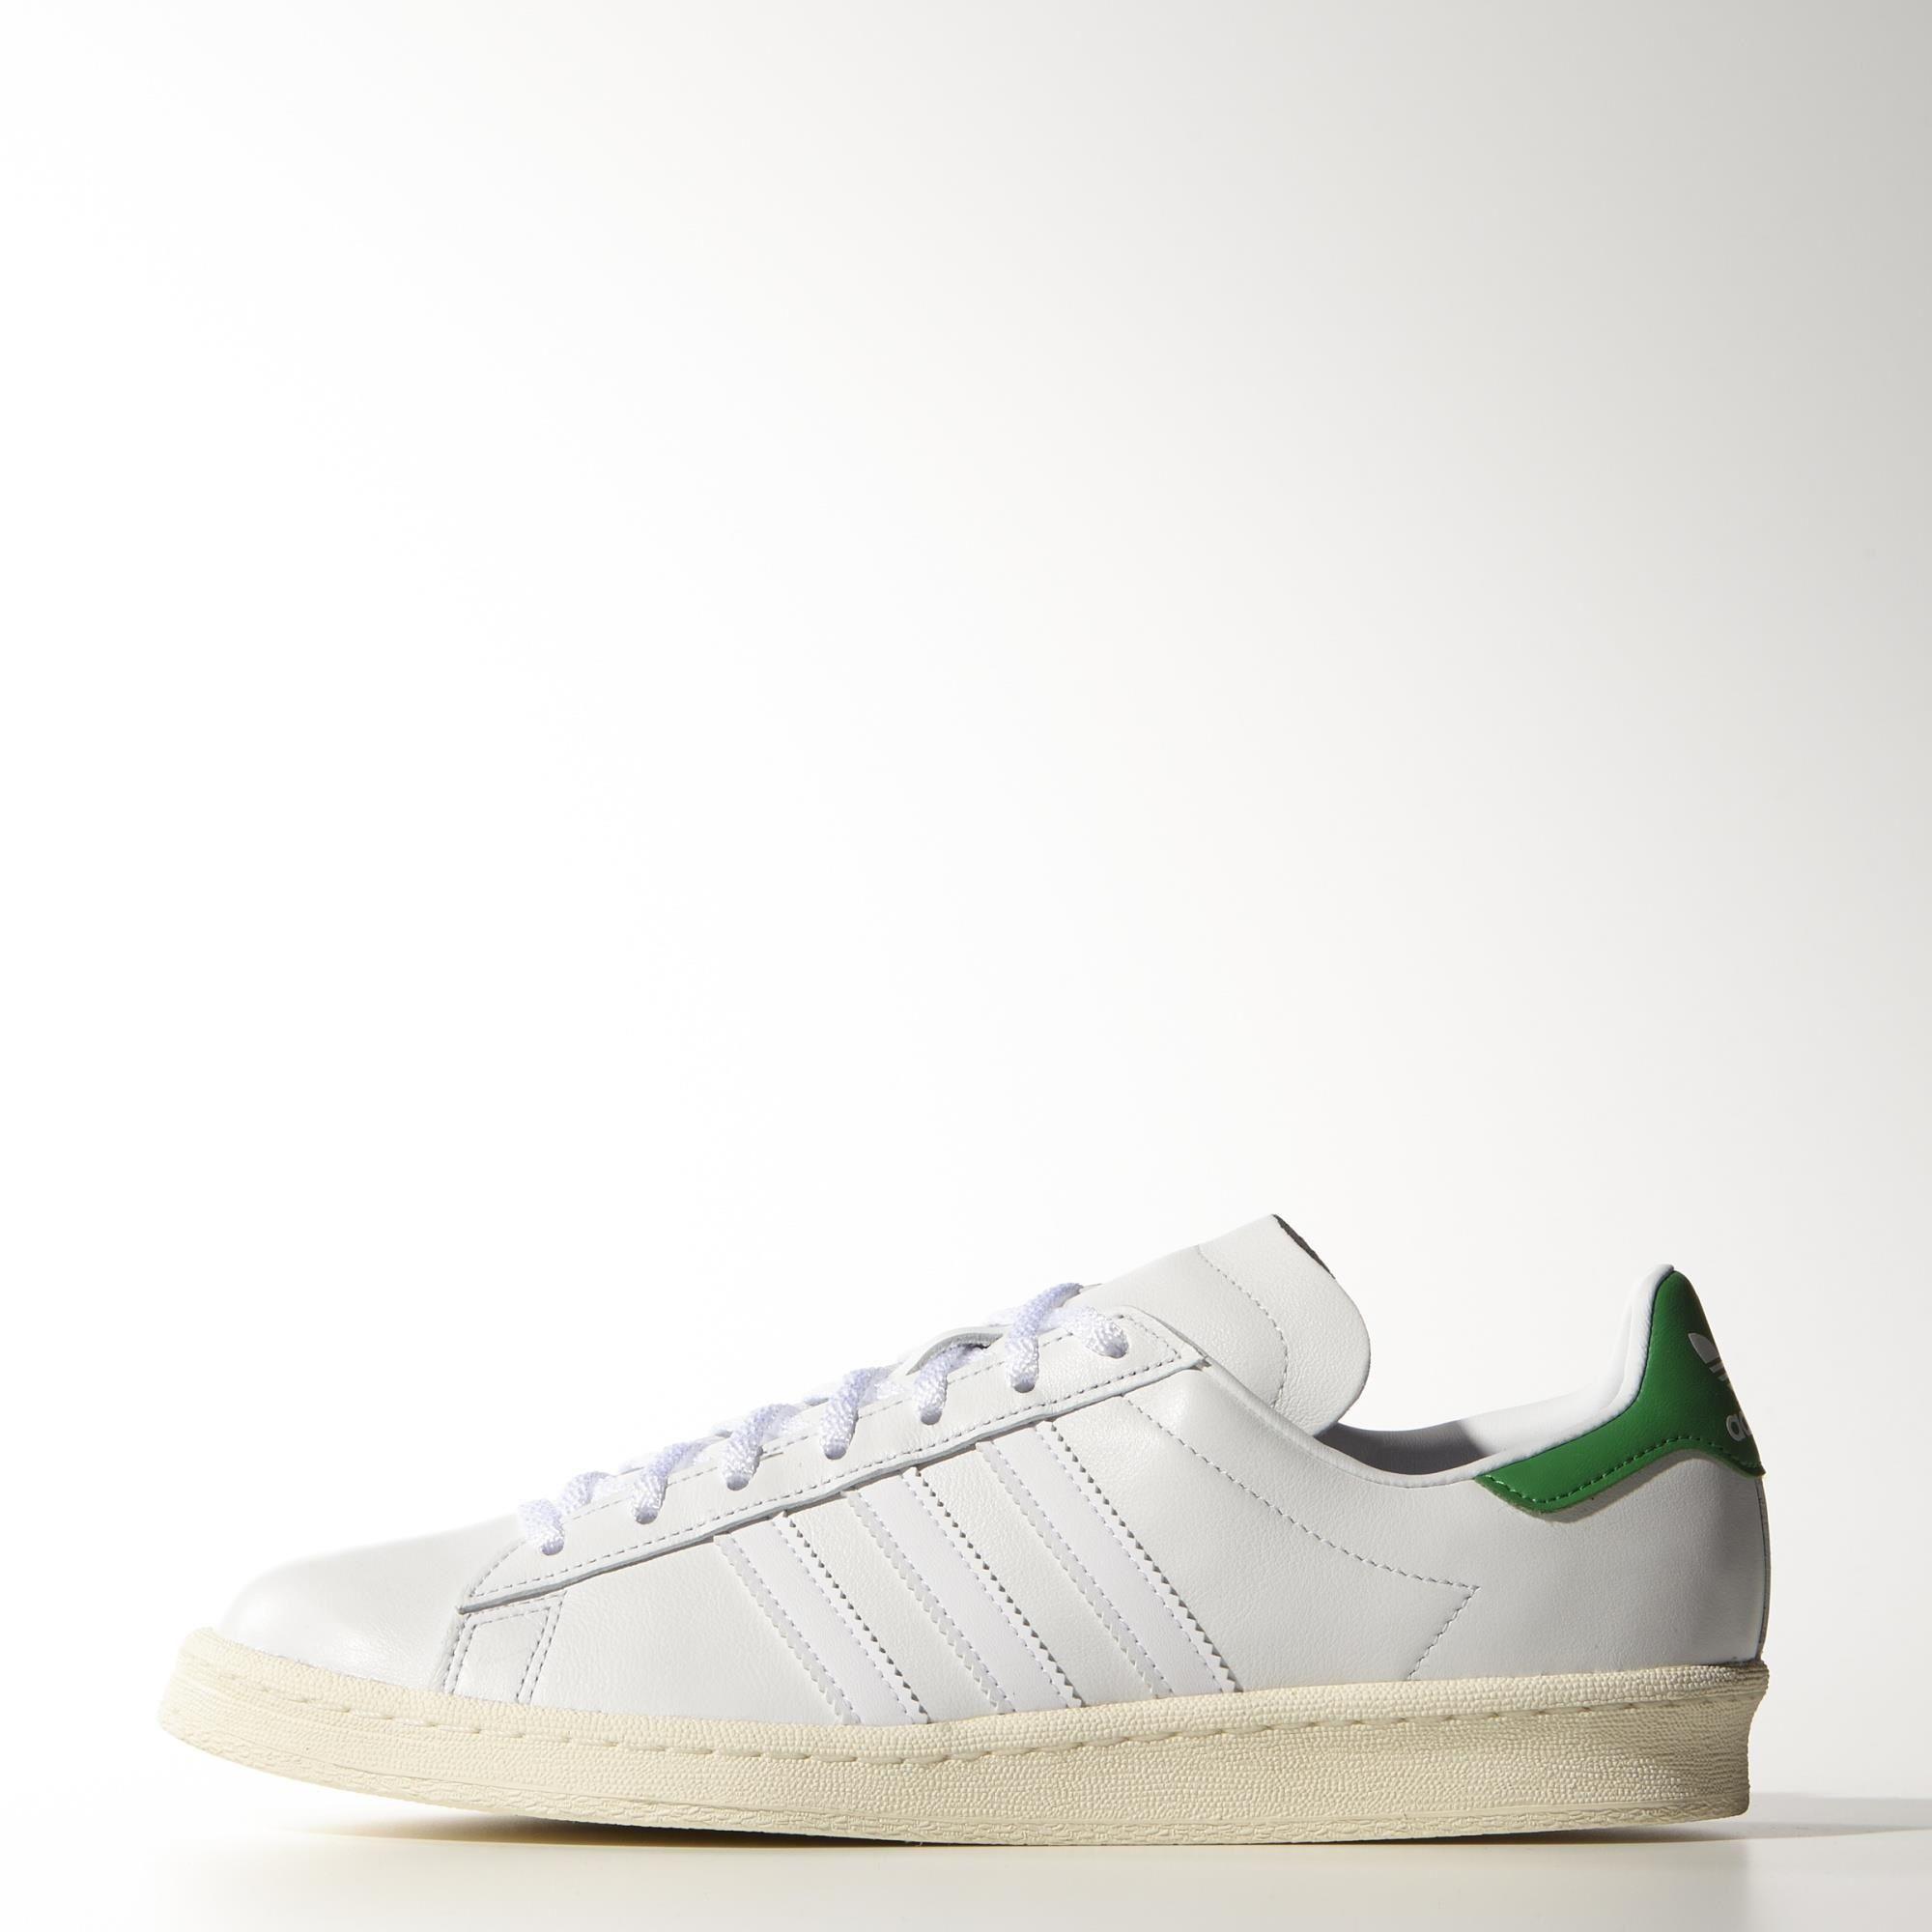 Adidas Originals Campus 80s Nigo White/Green/Cream White Shoes For Men